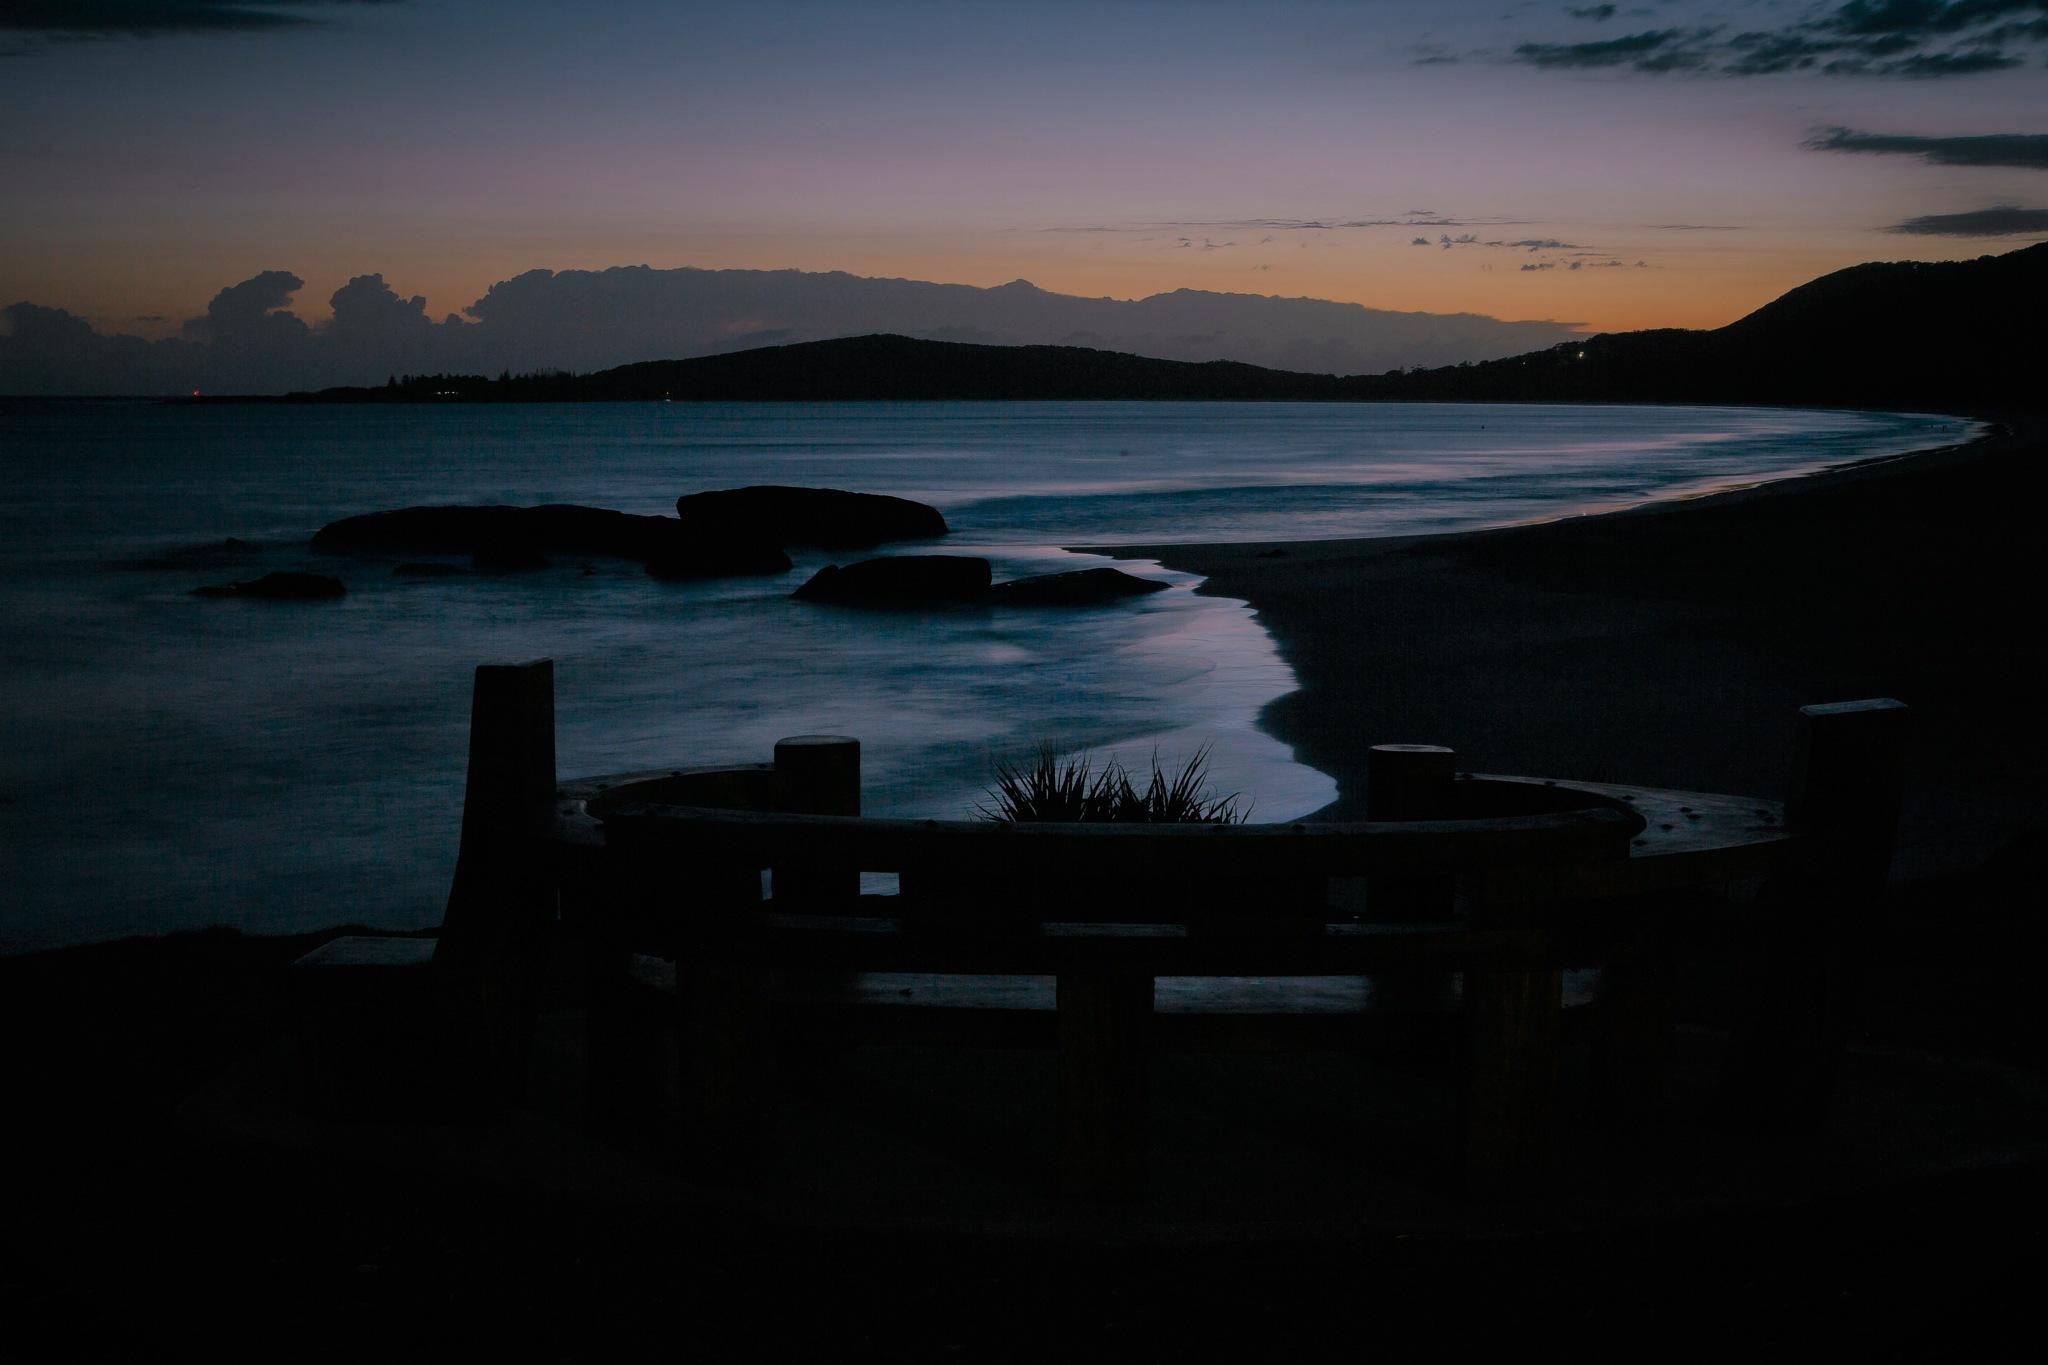 Before Dawn by Vivian Carmen